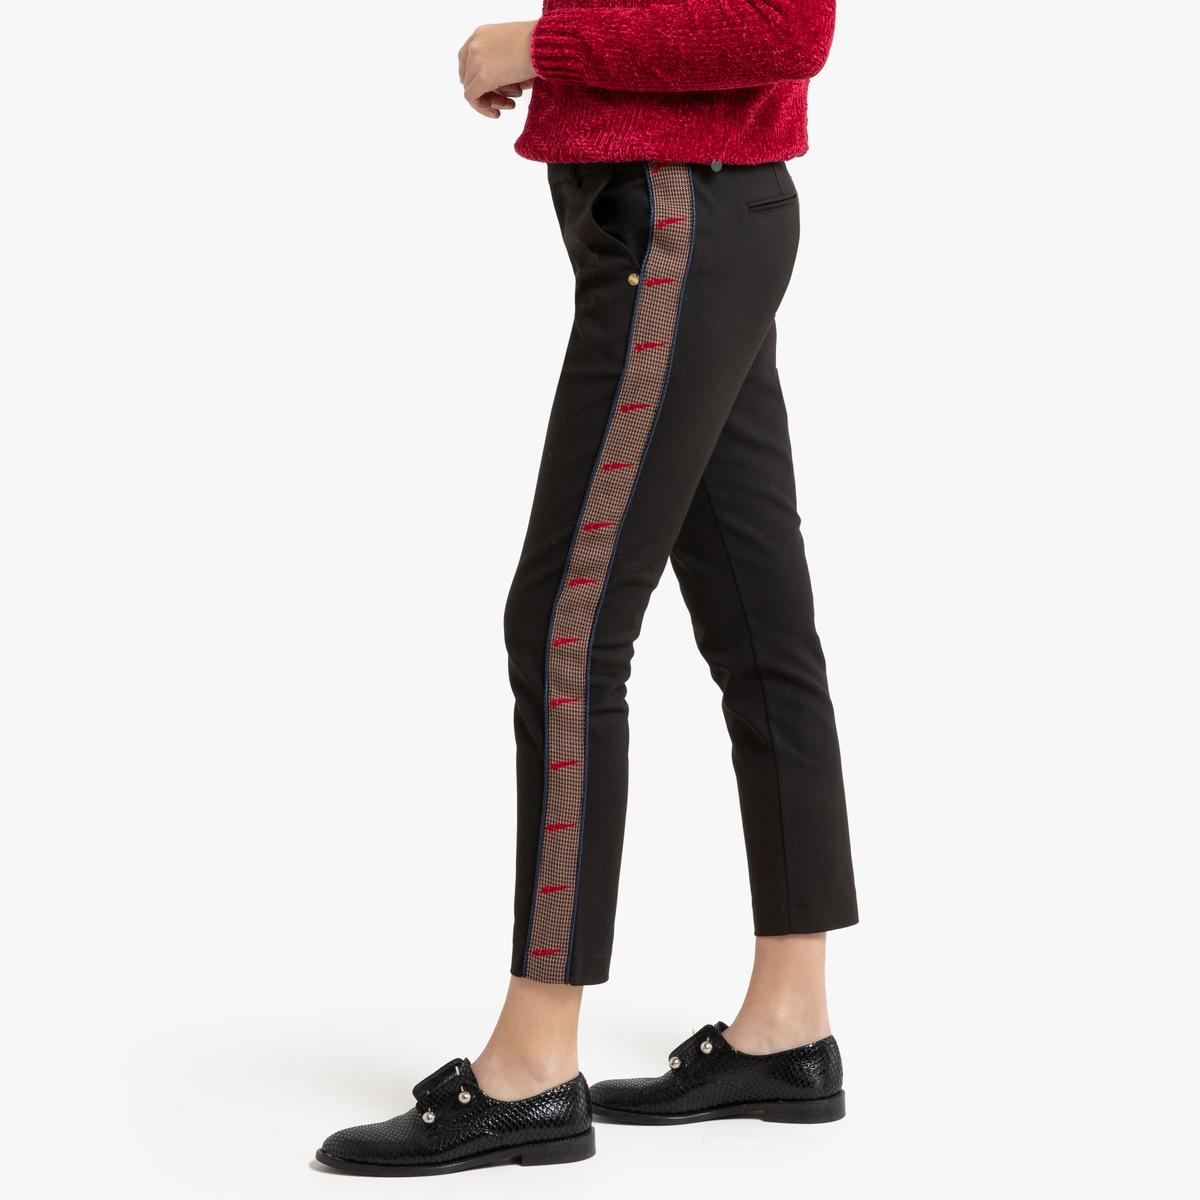 Брюки-дудочки La Redoute La Redoute M черный брюки женские sela цвет черный plg 115 901 9131 размер m 46